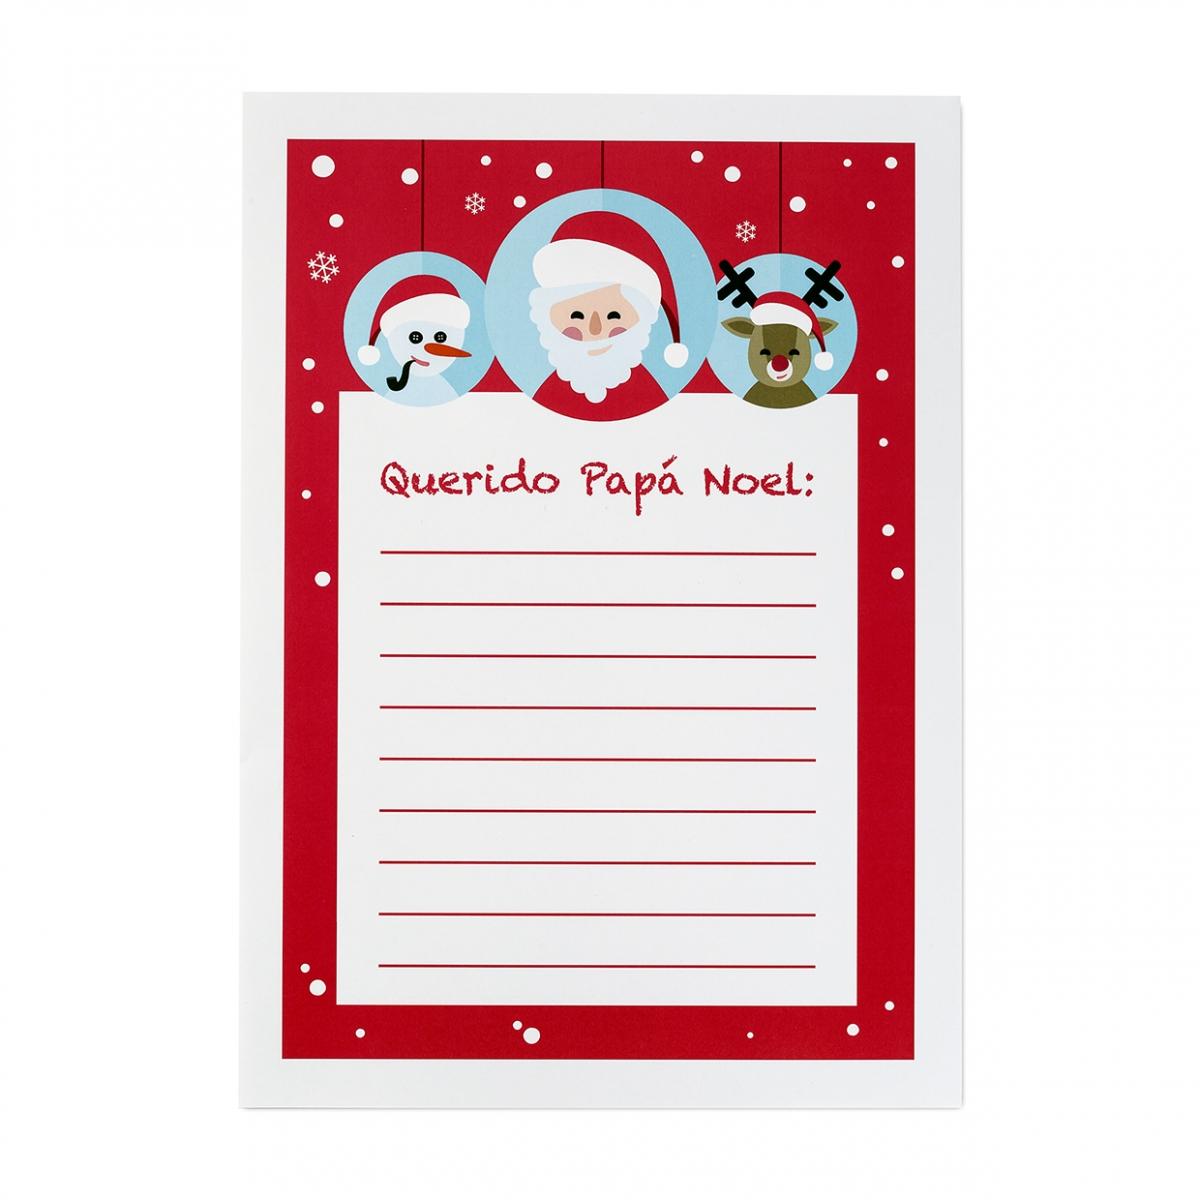 Imagen en la que se ve una carta a Papá Noel